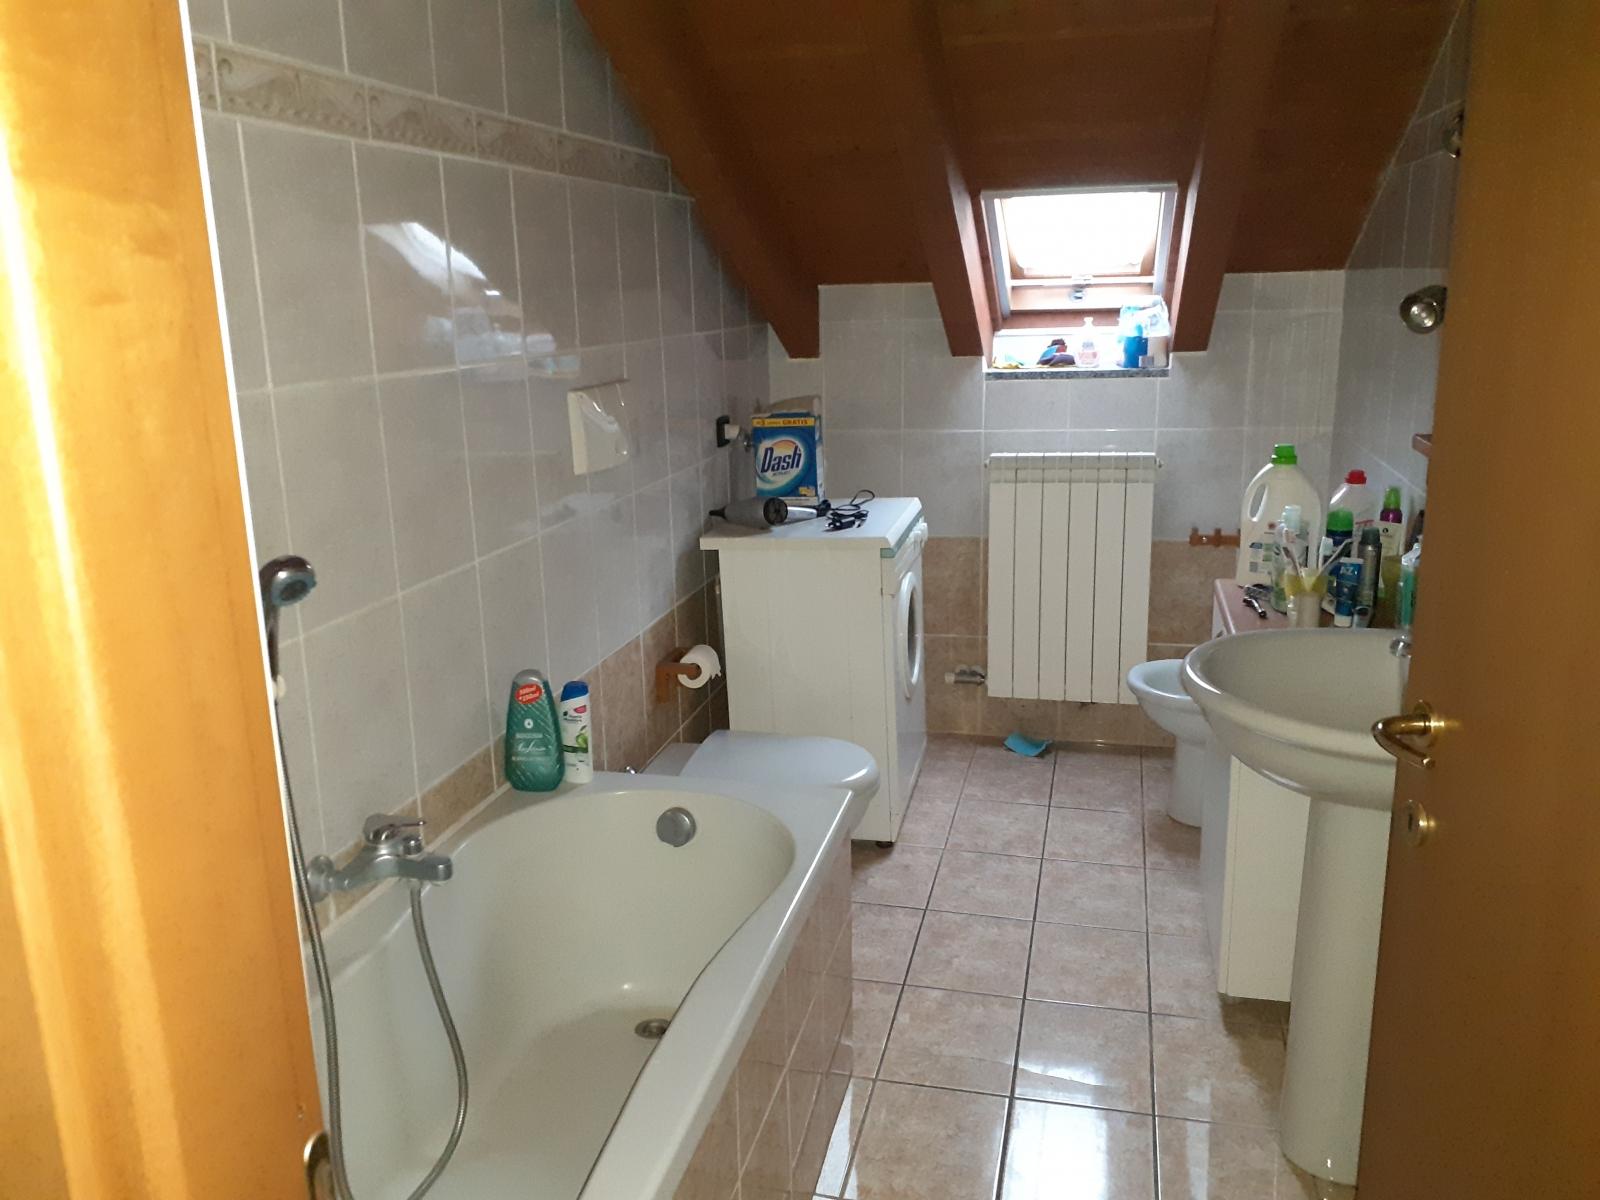 appartamento-in-vendita-a-rho-mansarda-2-3-locali-spaziourbano-immobiliere-vende-6